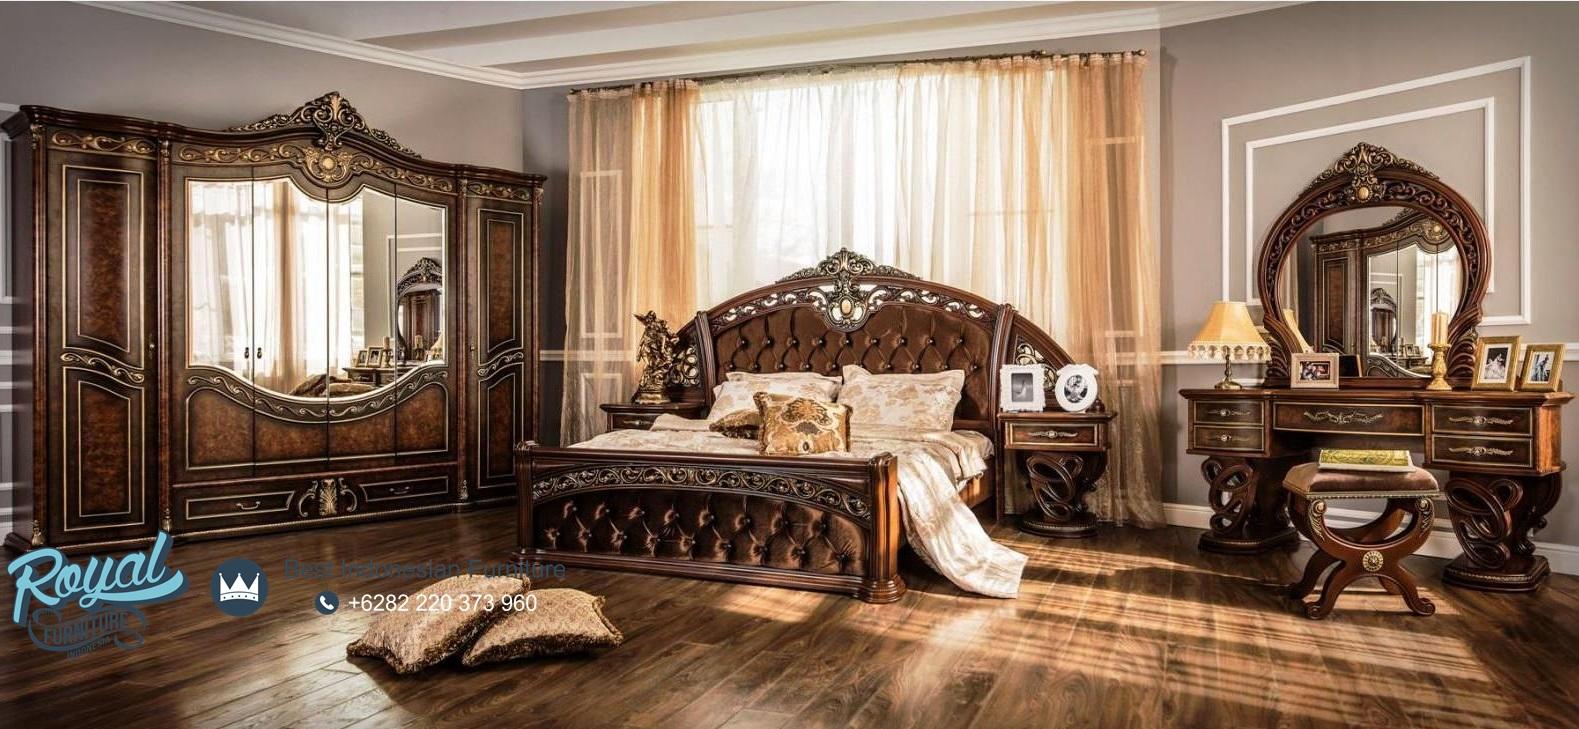 Desain Interior Kamar Tidur Klasik Ukir Kayu Jati Eropa, set kamar tidur mewah, set kamar tidur mewah terbaru, set kamar tidur mewah klasik, set kamar tidur mewah ukiran, set kamar tidur mewah modern, kamar set minimalis mewah, tempat tidur mewah, harga tempat tidur mewah modern, kamar set mewah terbaru, tempat tidur minimalis, harga 1 set tempat tidur pengantin, model tempat tidur jepara terbaru, tempat tidur mewah minimalis, mebel jepara, furniture jepara, tempat tidur klasik, tempat tidur ukir, tempat tidur elegan, set kamar tidur eropa, ranjang kayu jati, kamar tidur jati jepara, set kamar tidur putih duco, royal furniture